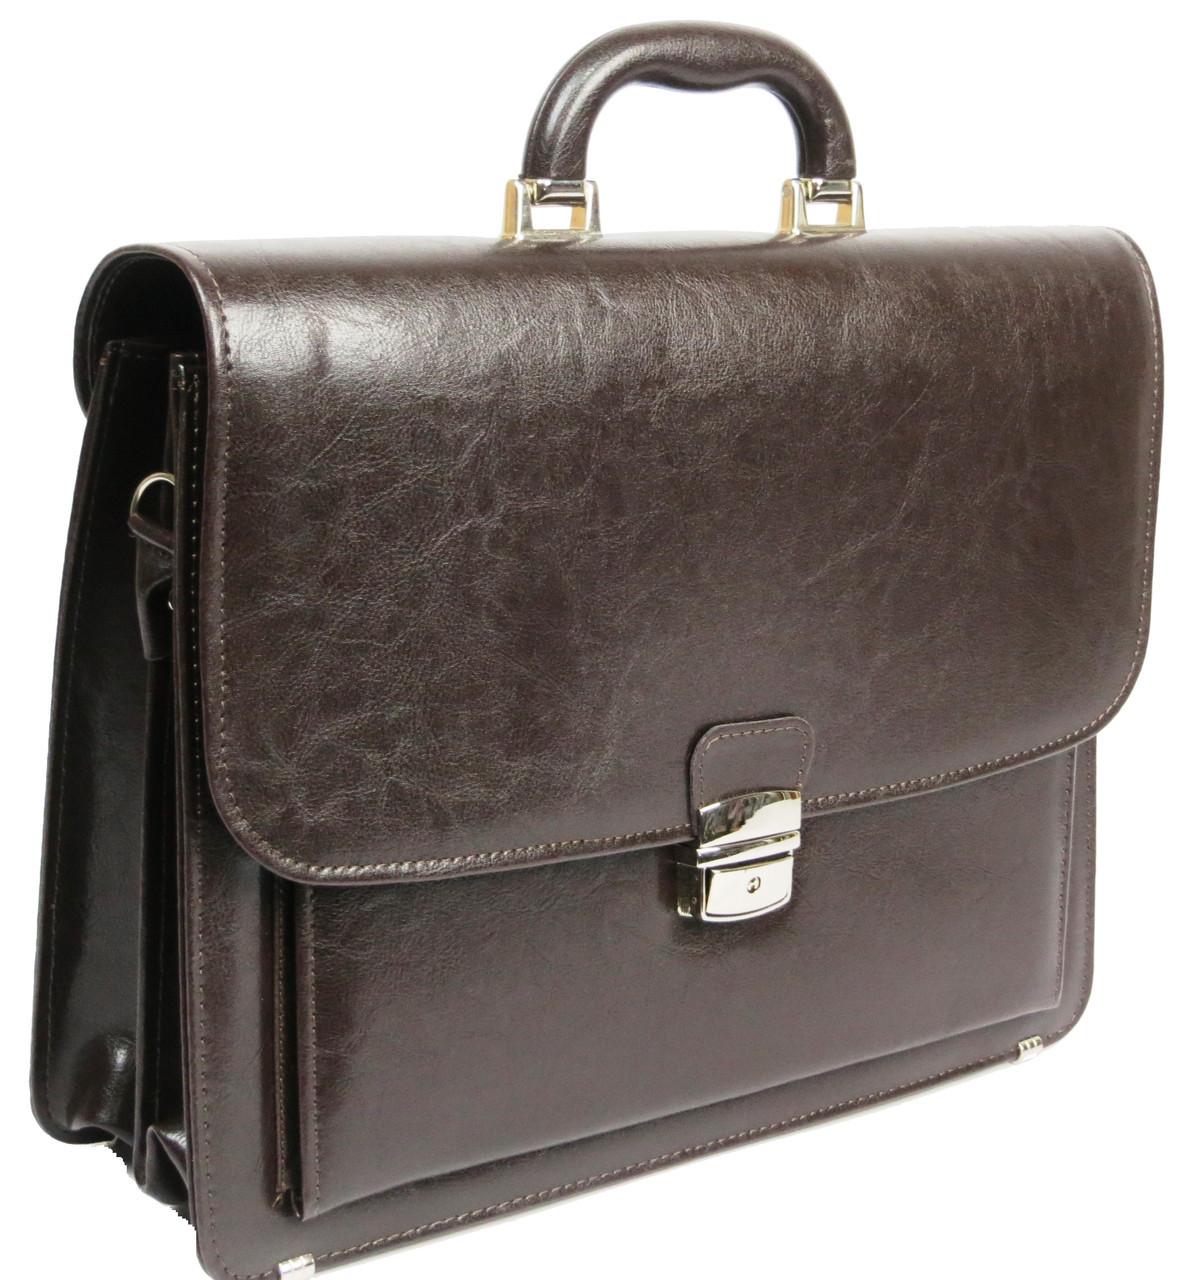 Чоловічий портфель з еко шкіри Jurom Польща 0-33/2-112 коричневий